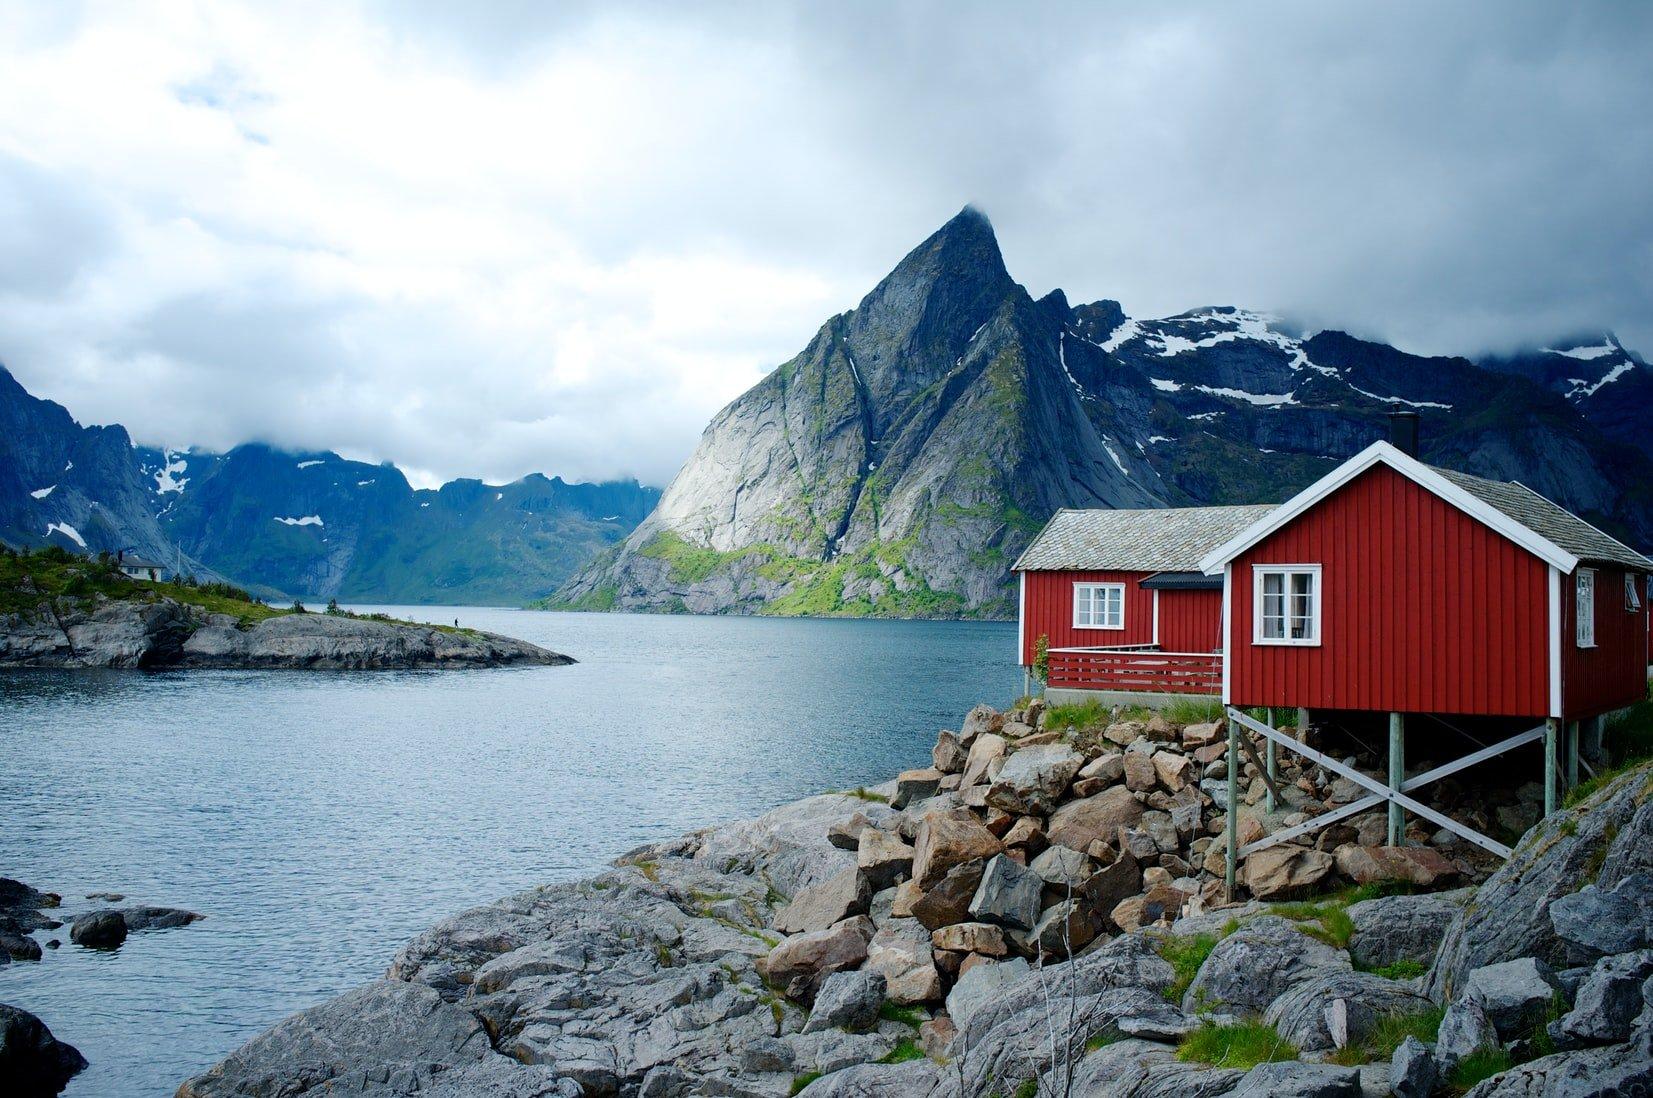 maison rouge au bord d'un lac en norvège